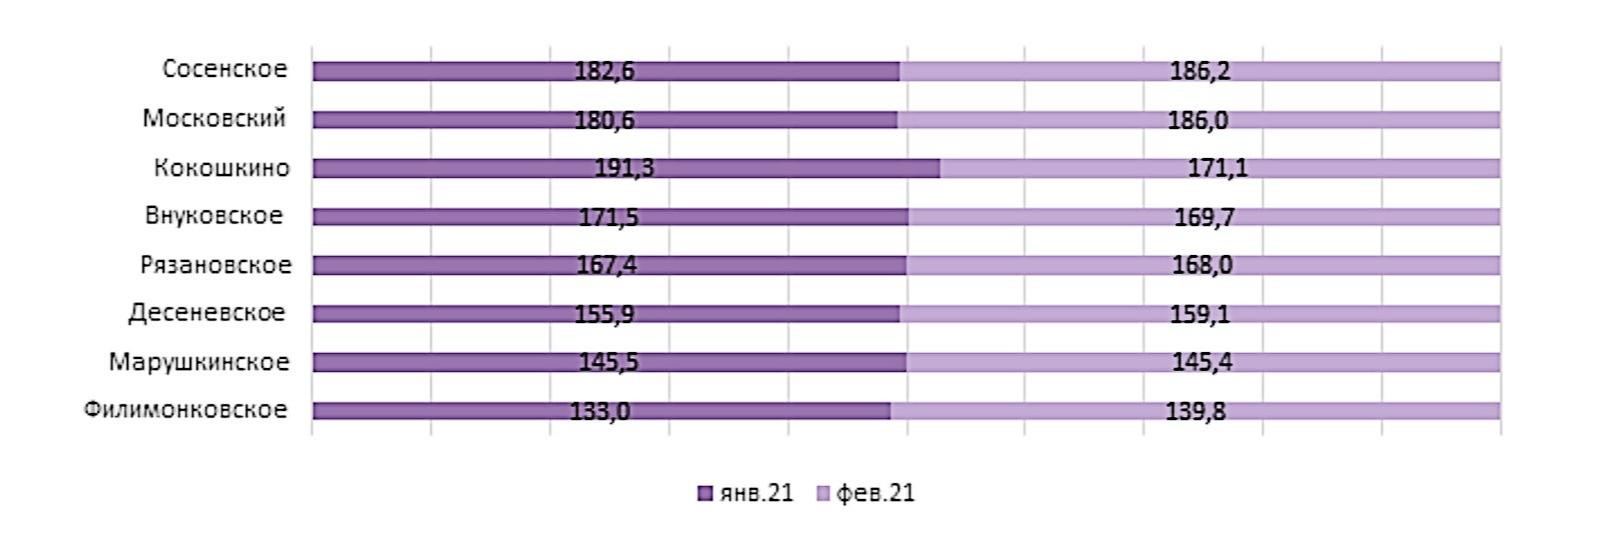 Районы Новой Москвы по средней стоимости 1 кв. м в новостройках. Февраль 2021 года